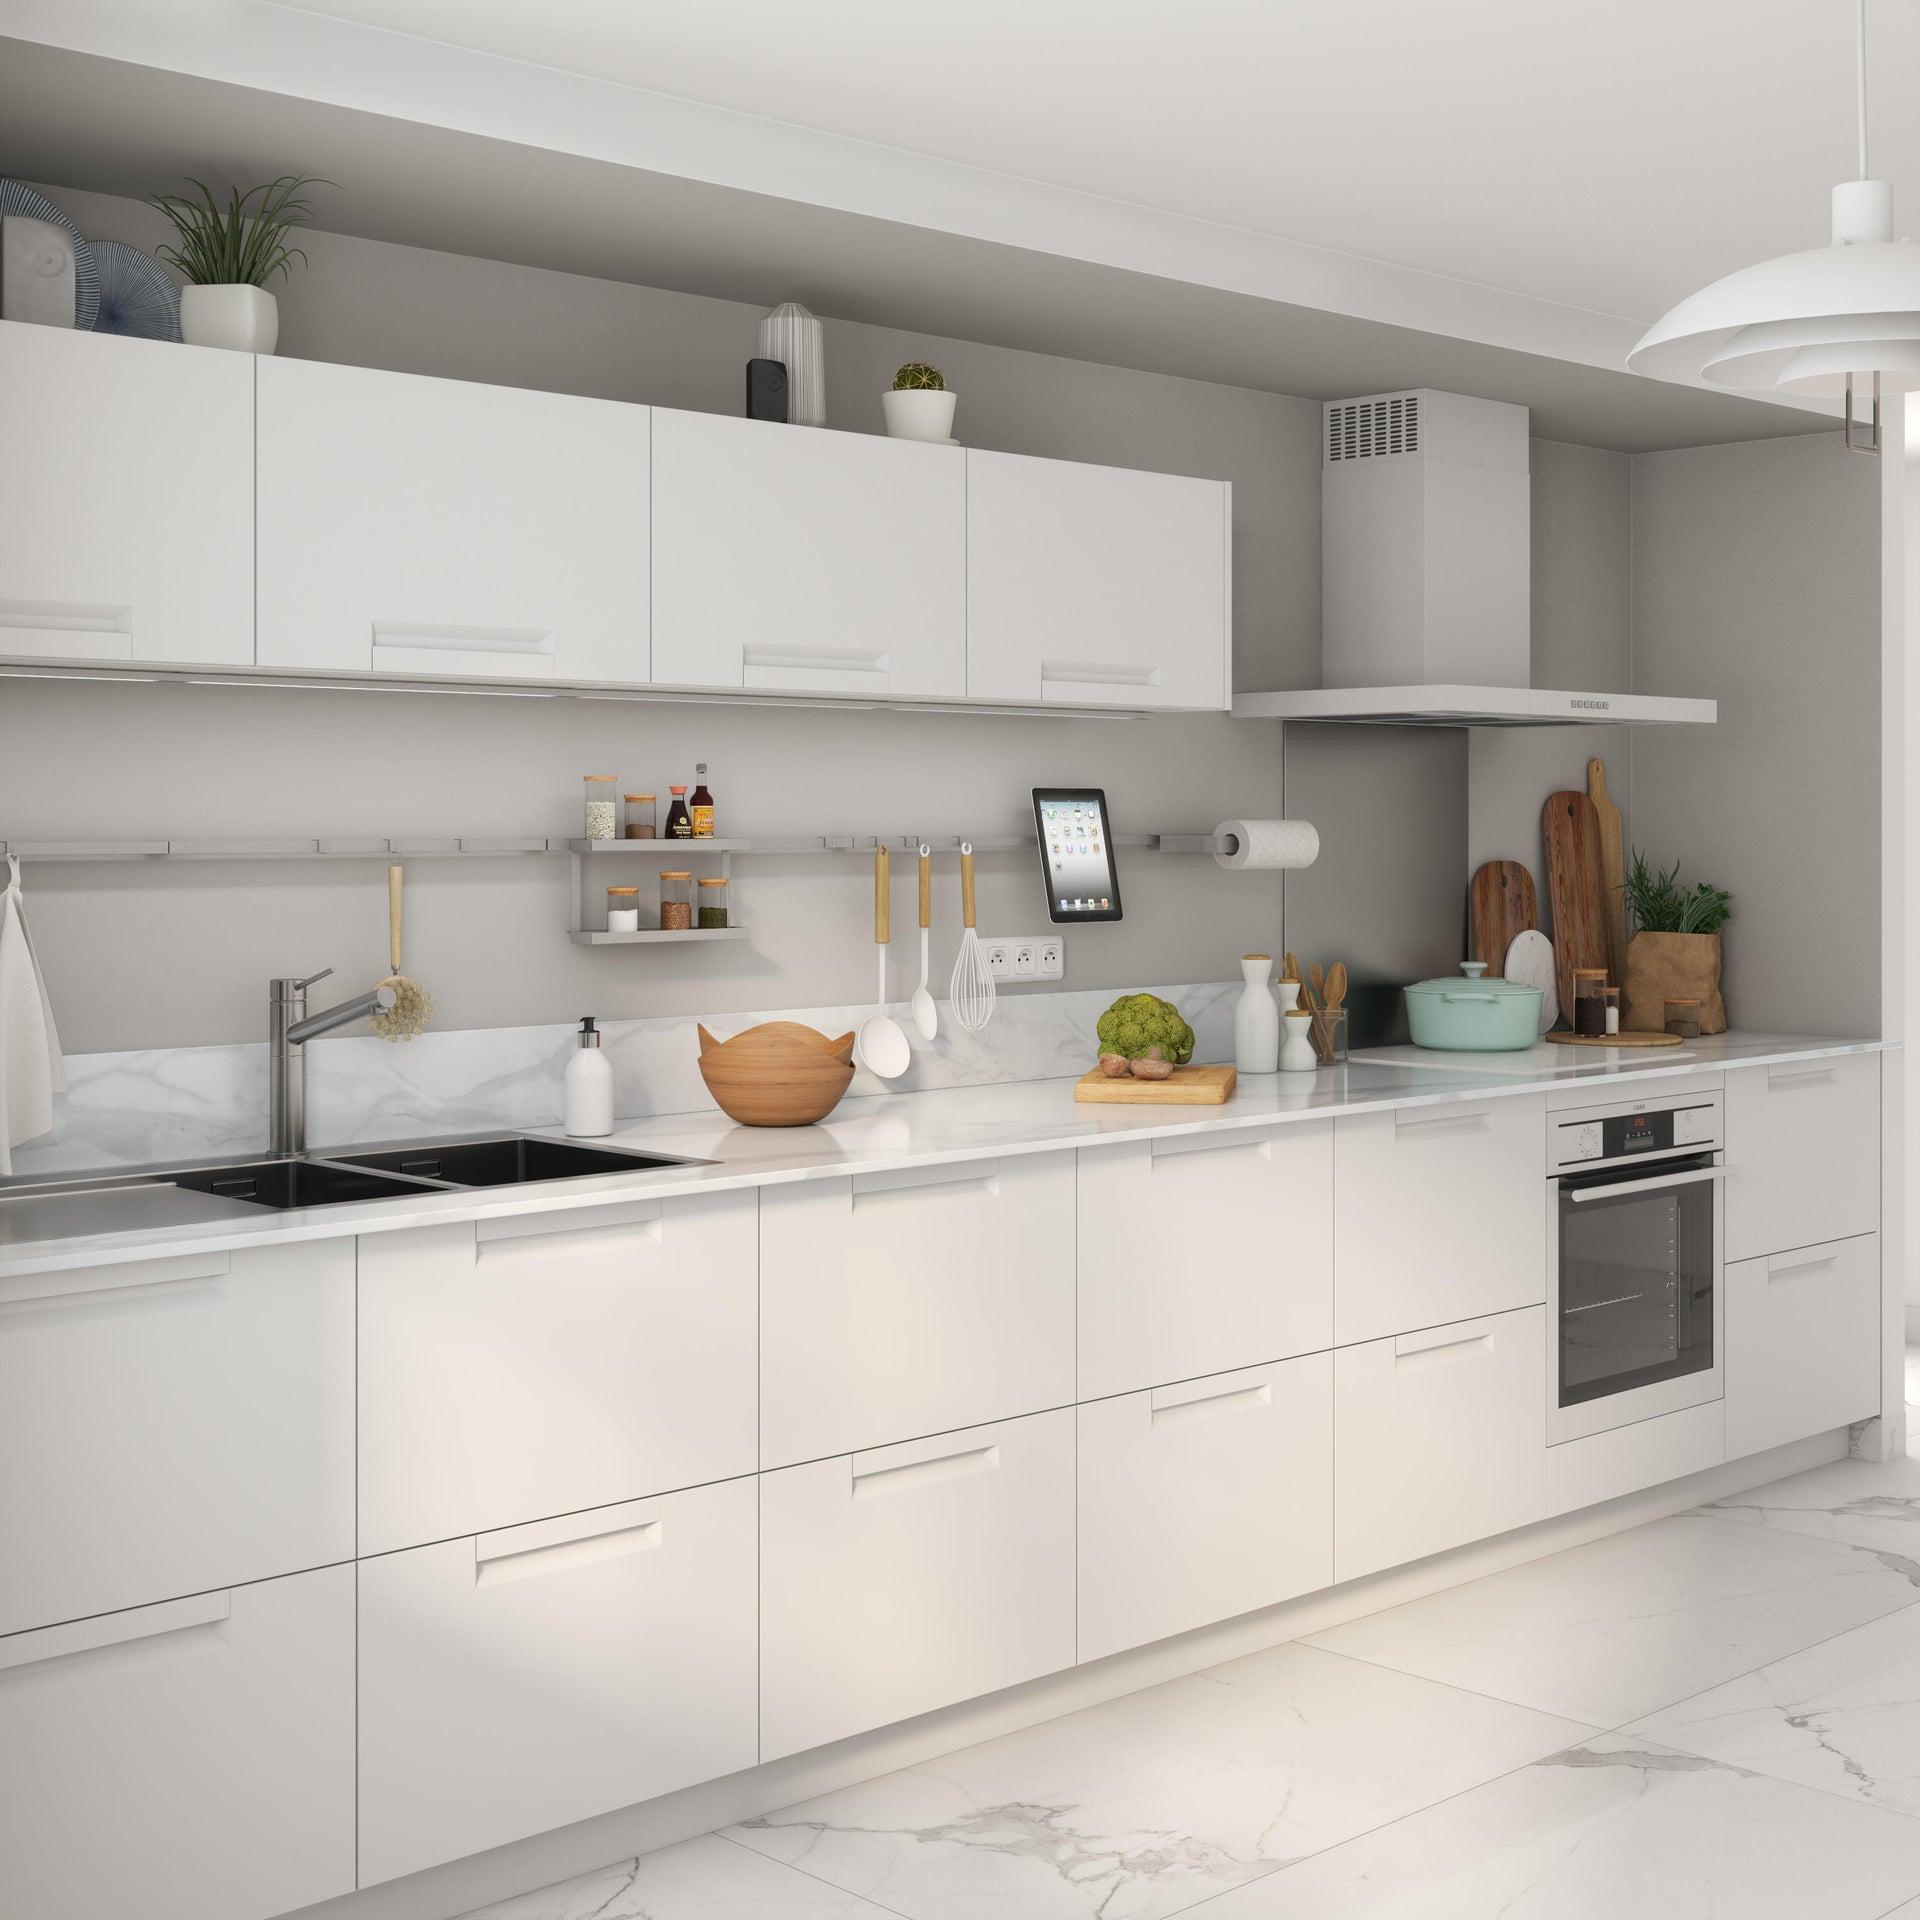 Cucina in kit Evora bianco L 255 cm - 1